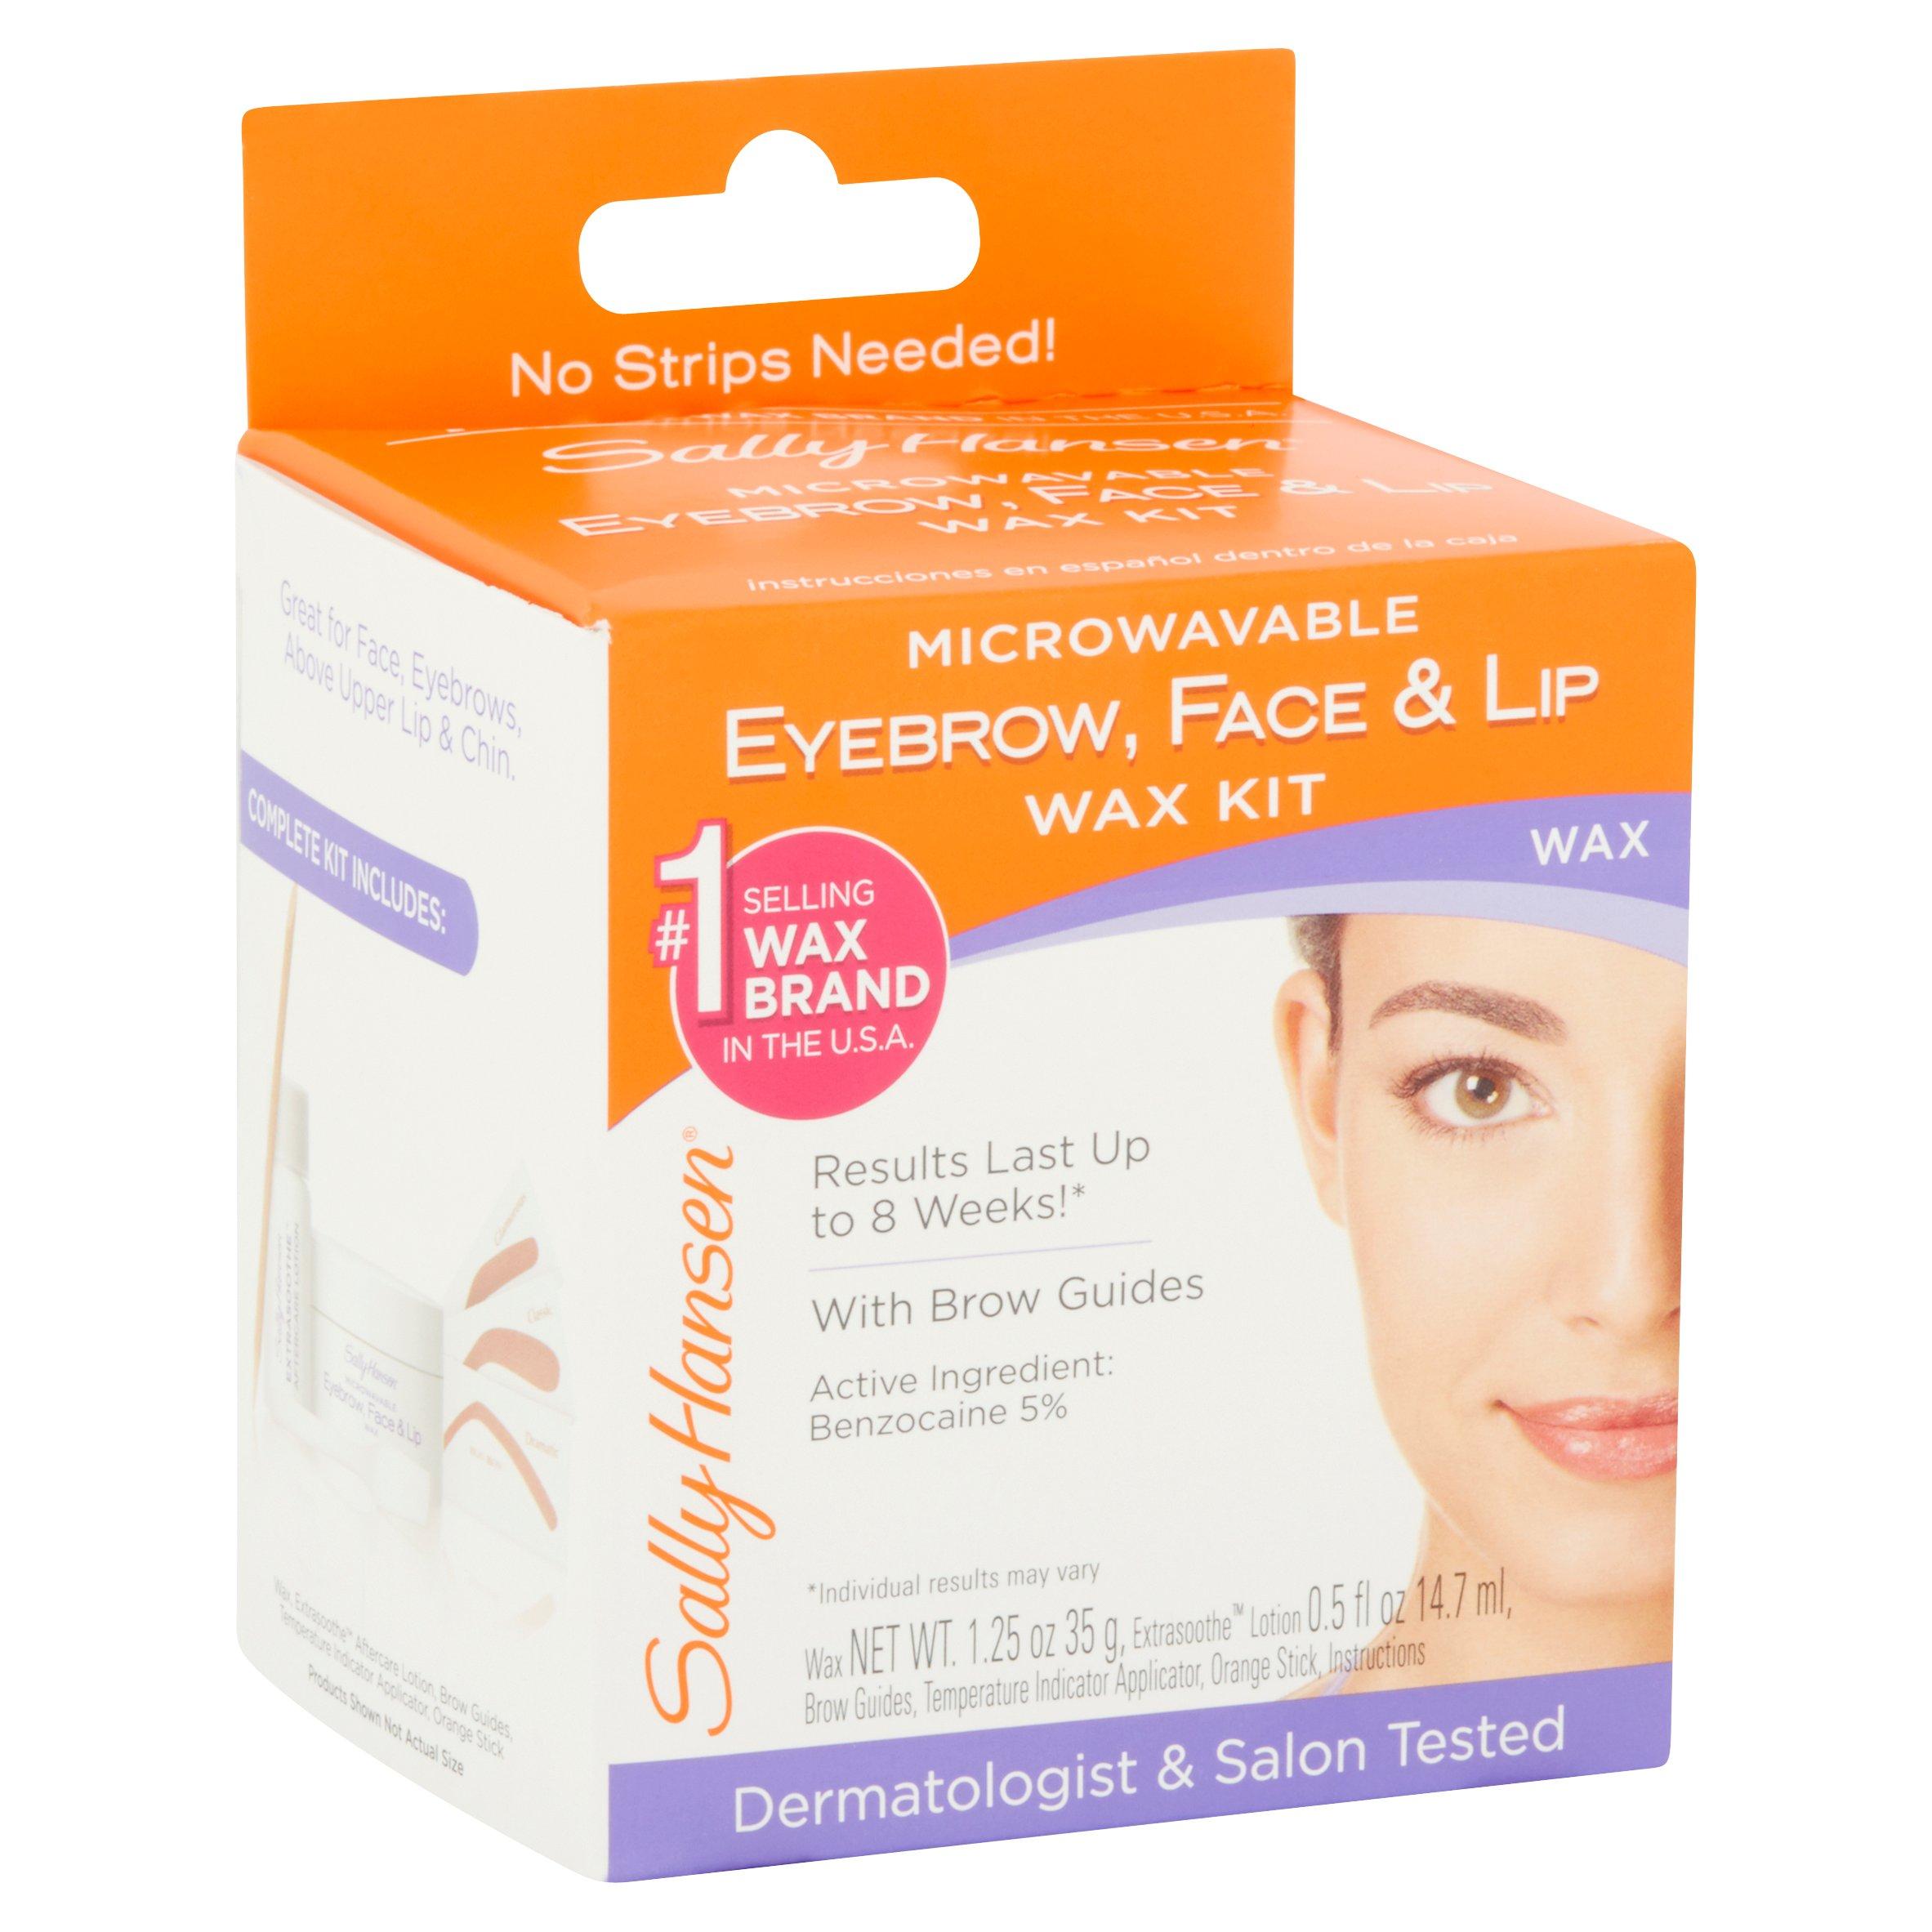 Sally Hansen Microwavable Eyebrow Lip And Face Wax 031 Oz